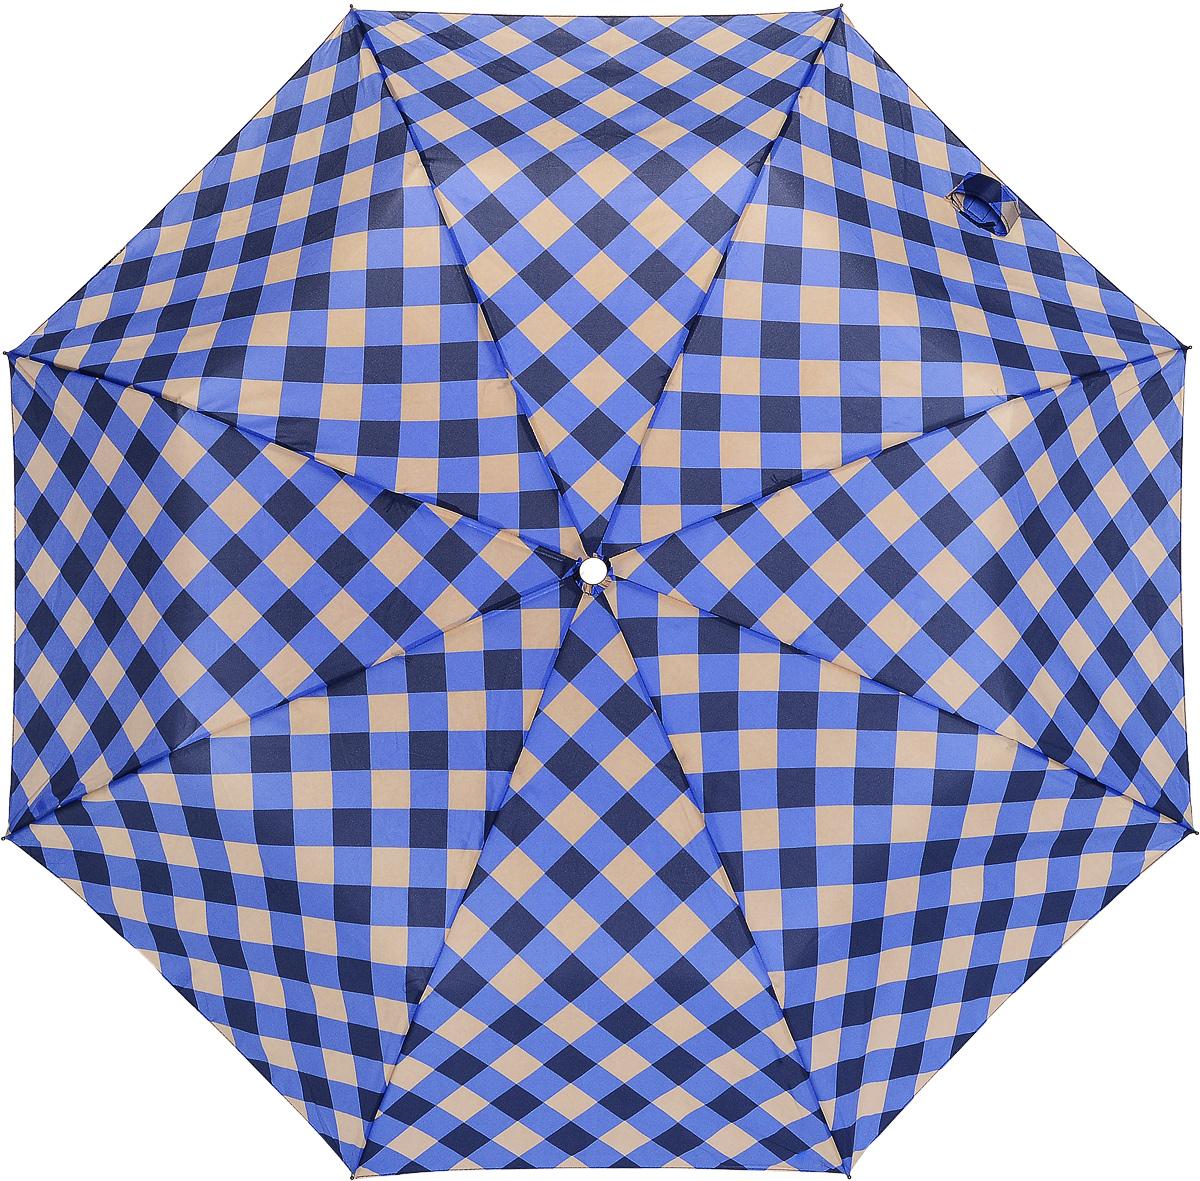 C-Collection 512-3 Зонт механический 3 сл. жен.45100948B/32793/5900NЗонт испанского производителя Clima. В производстве зонтов используются современные материалы, что делает зонты легкими, но в то же время крепкими. Механический, 3 сложения, 7 спиц по 55 см, полиэстер.